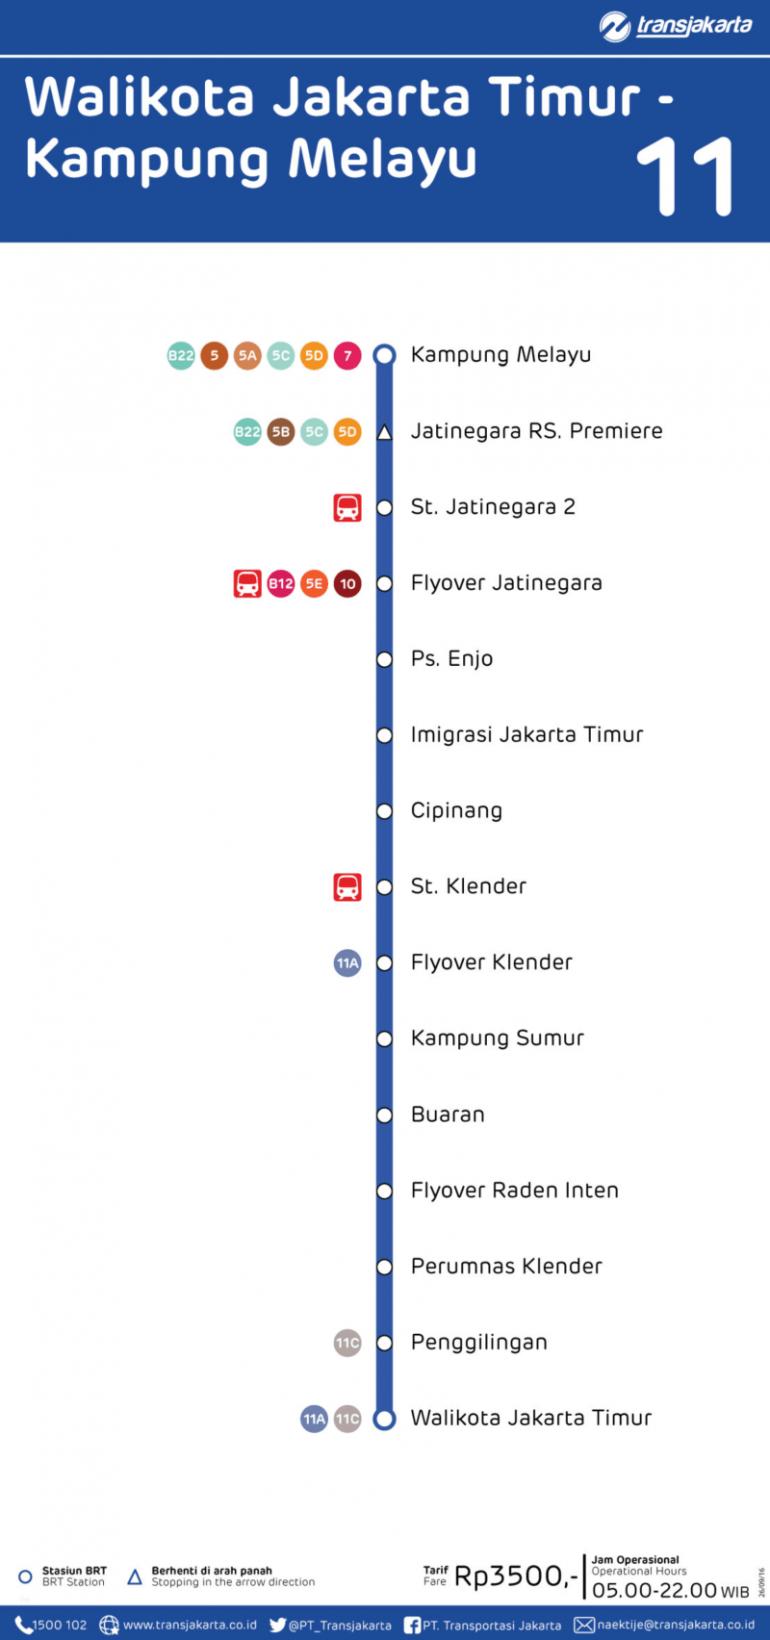 Koridor 11 Walikota Jakarta Timur  - Kampung Melayu